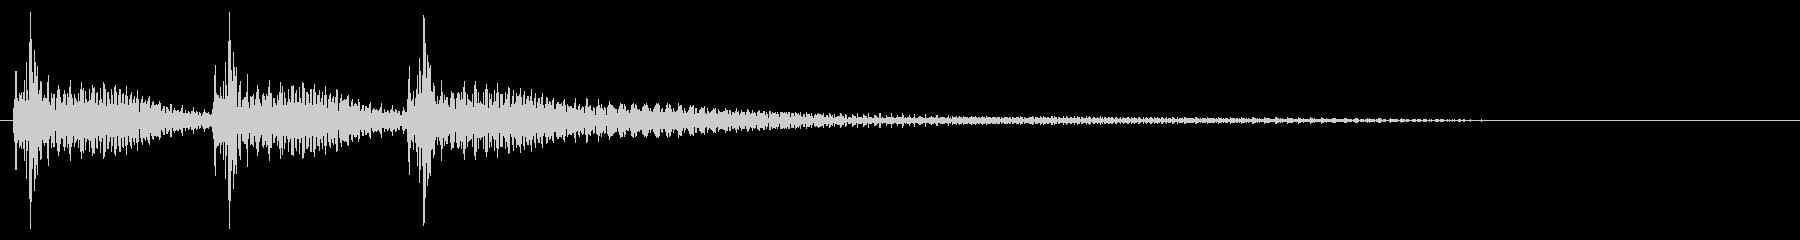 べべべん(琵琶)01の未再生の波形